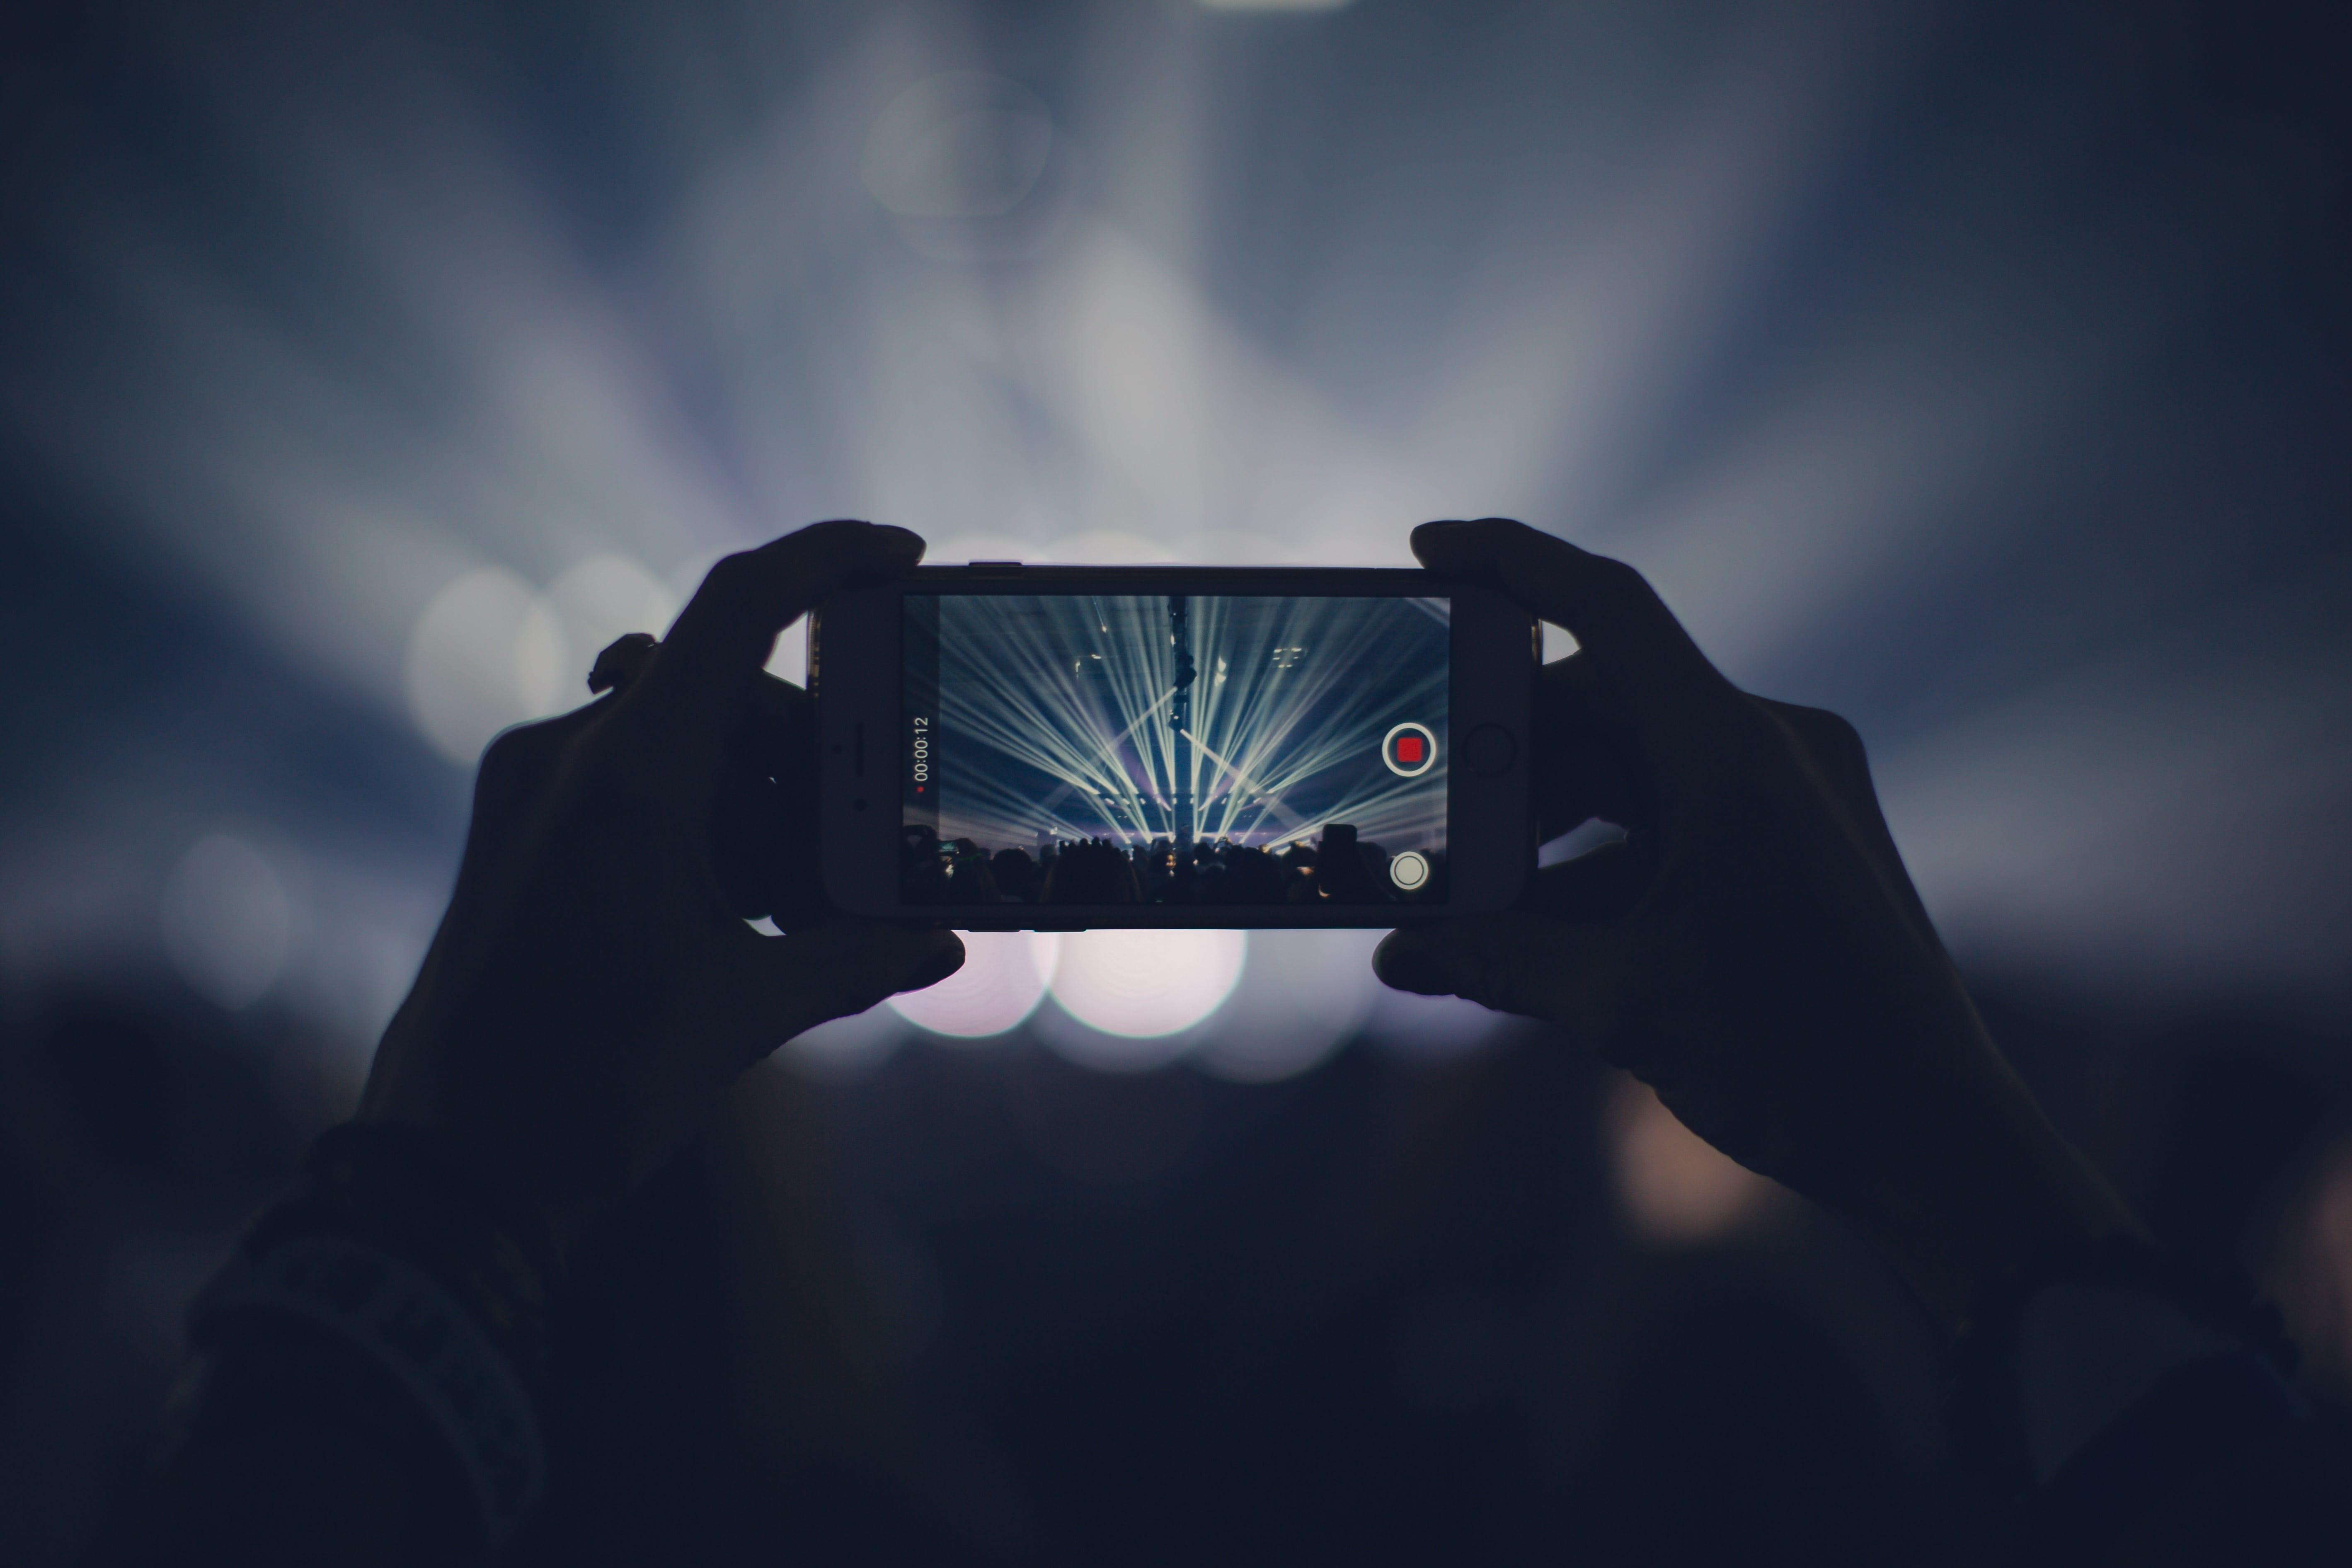 iPhone XS contro iPhone X: dimensioni, schermo, batteria e altri parametri